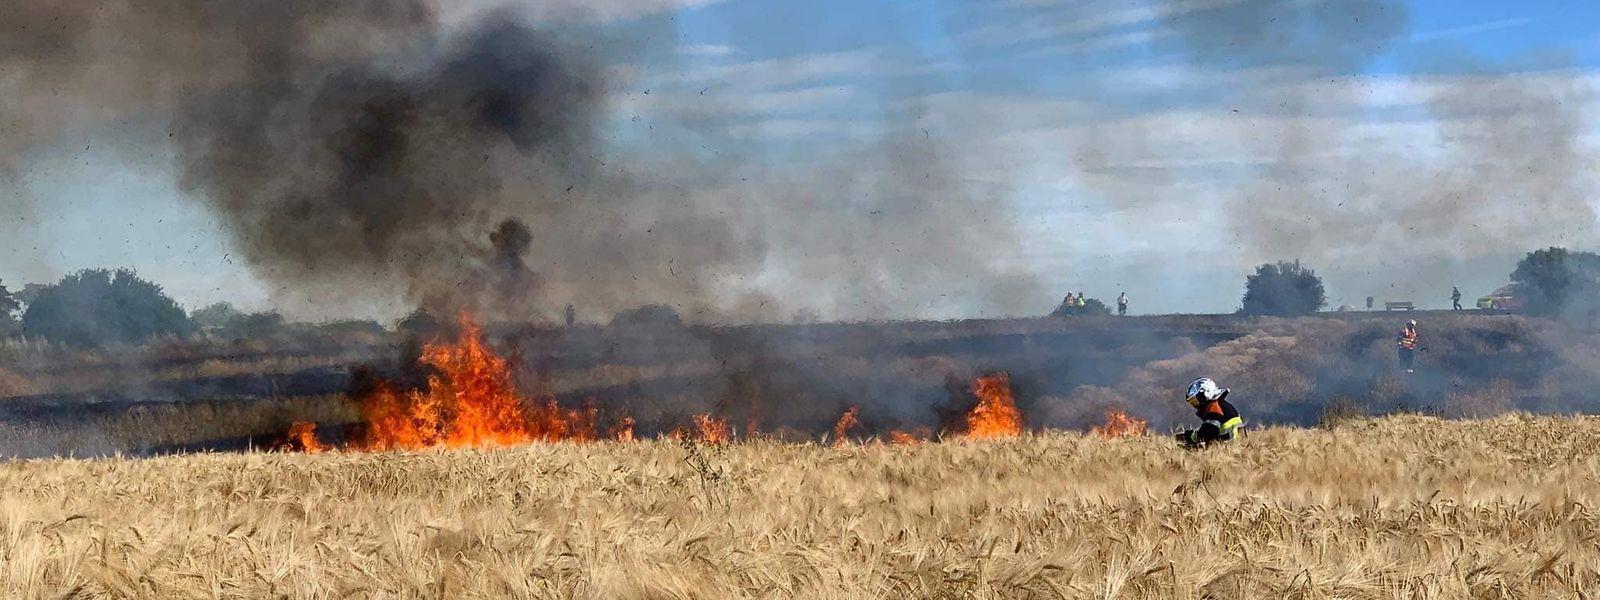 Am vergangenen Freitag: Sechs Feuerwehreinheiten bekämpfen einen Flurbrand zwischen Schüttringen und Canach.